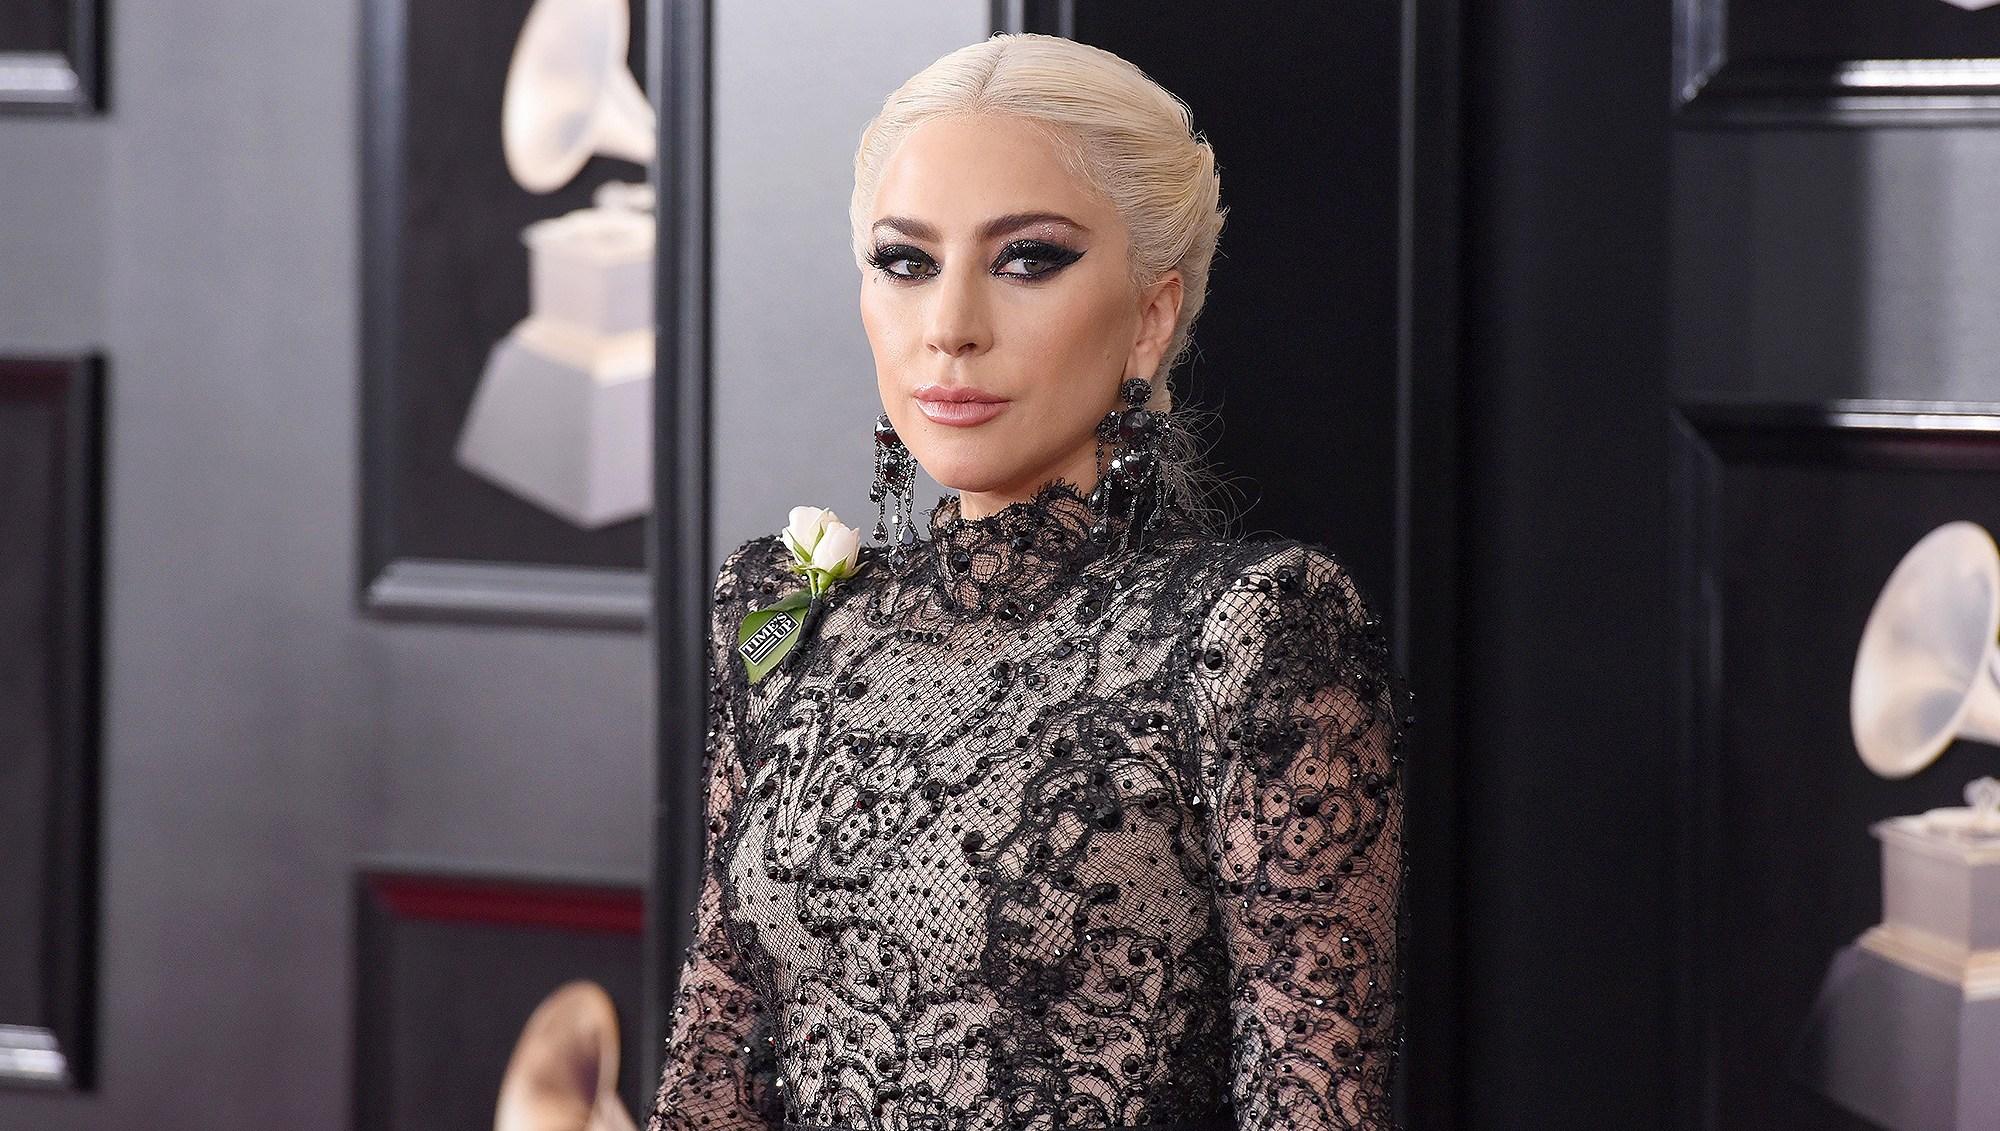 Lady Gaga, Tour Canceled, Extreme Pain